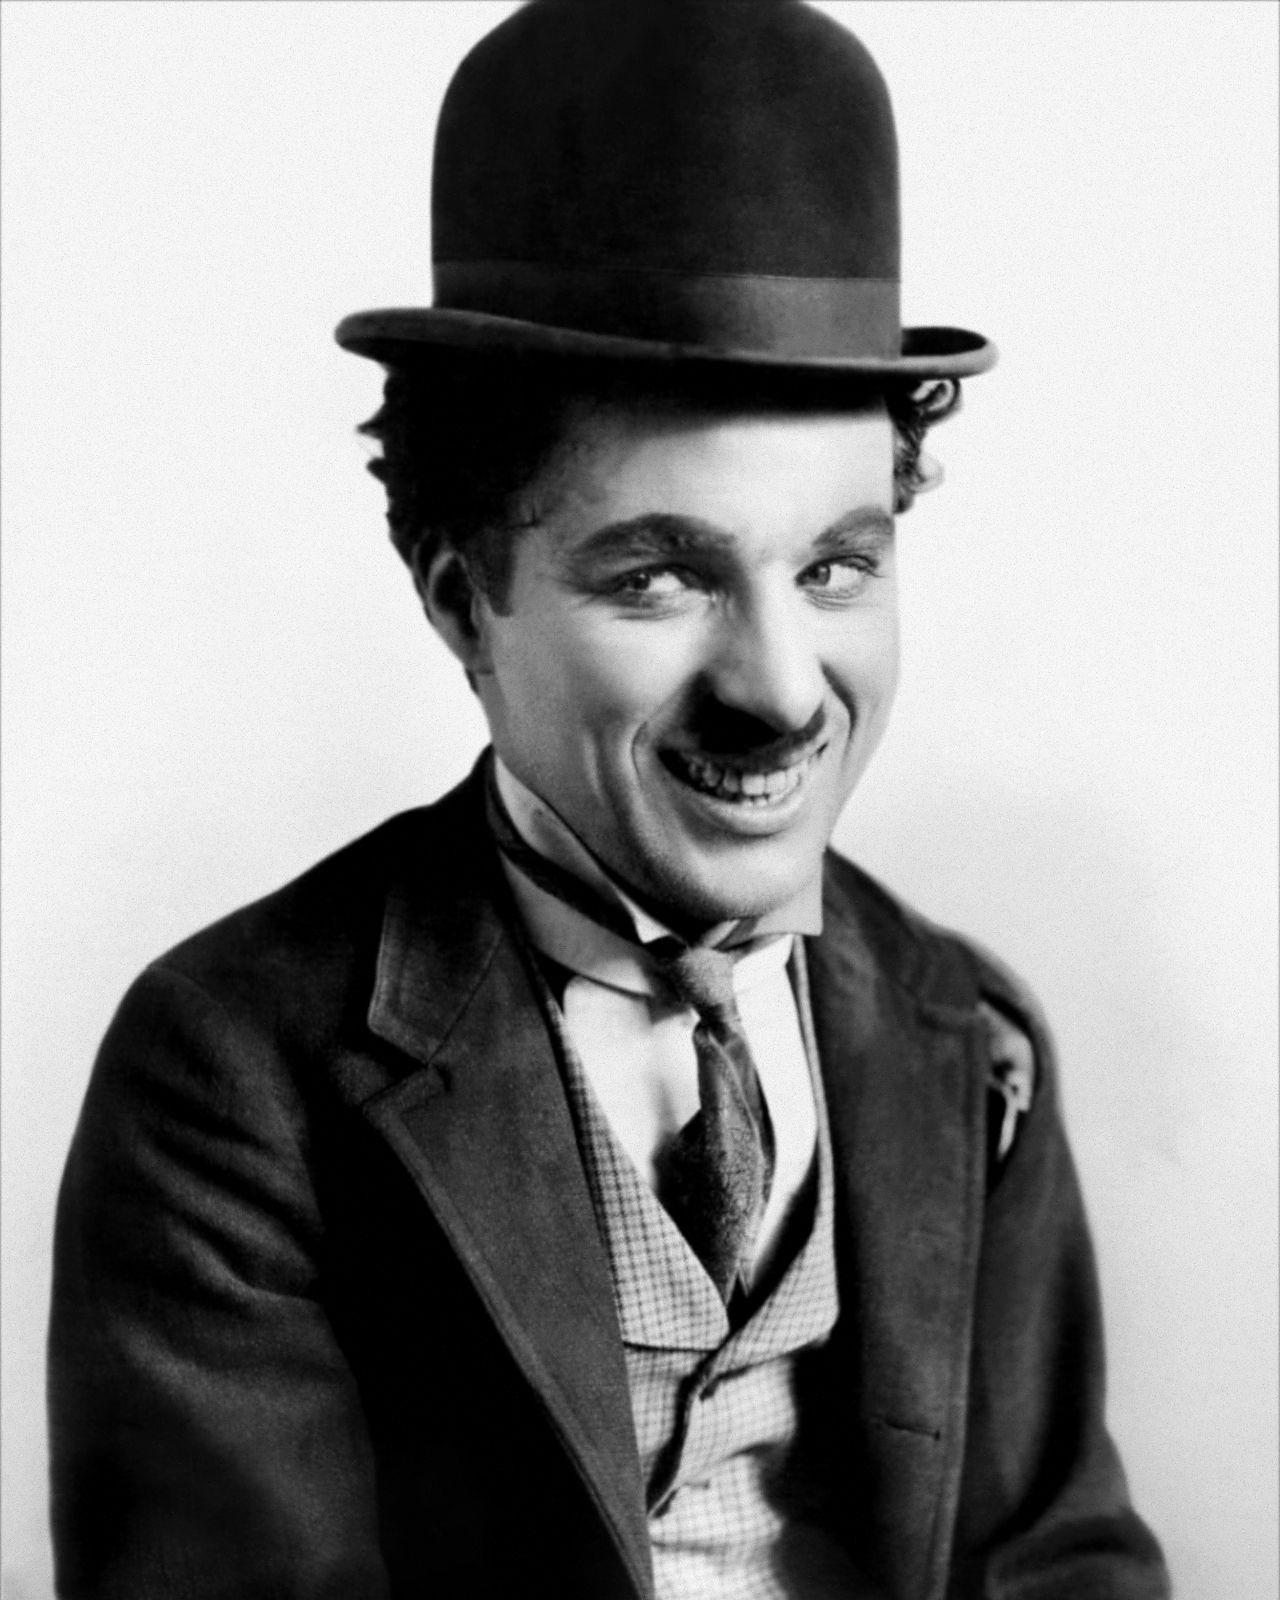 Drugie małżeństwo Charliego Chaplina miało być spowodowane groźbą matki Lity Grey, że oskarży sławnego komika o gwałt na córce.